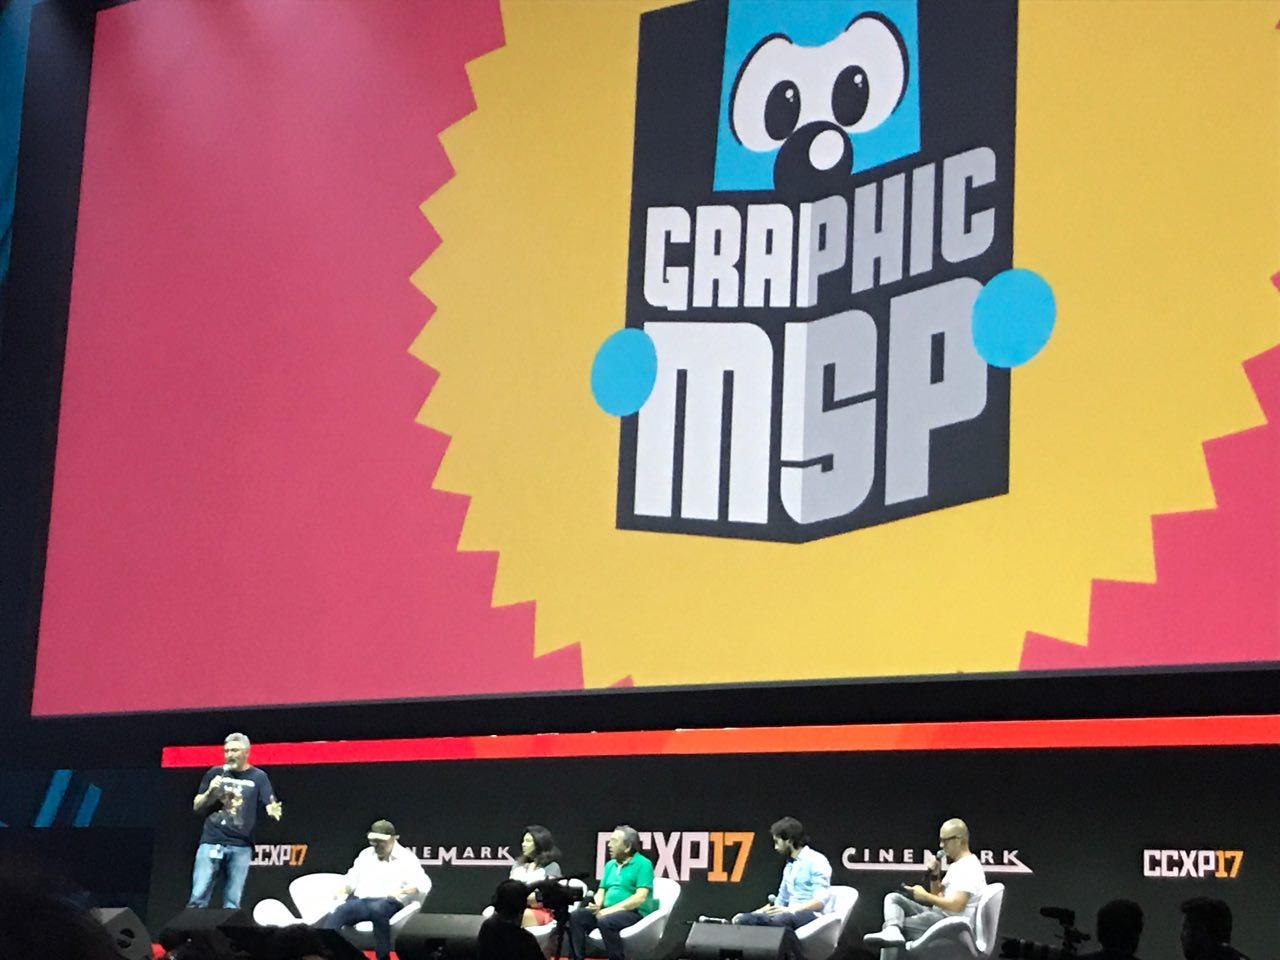 No encerramento da CCXP 2017, MSP apresenta melhor painel do domingo